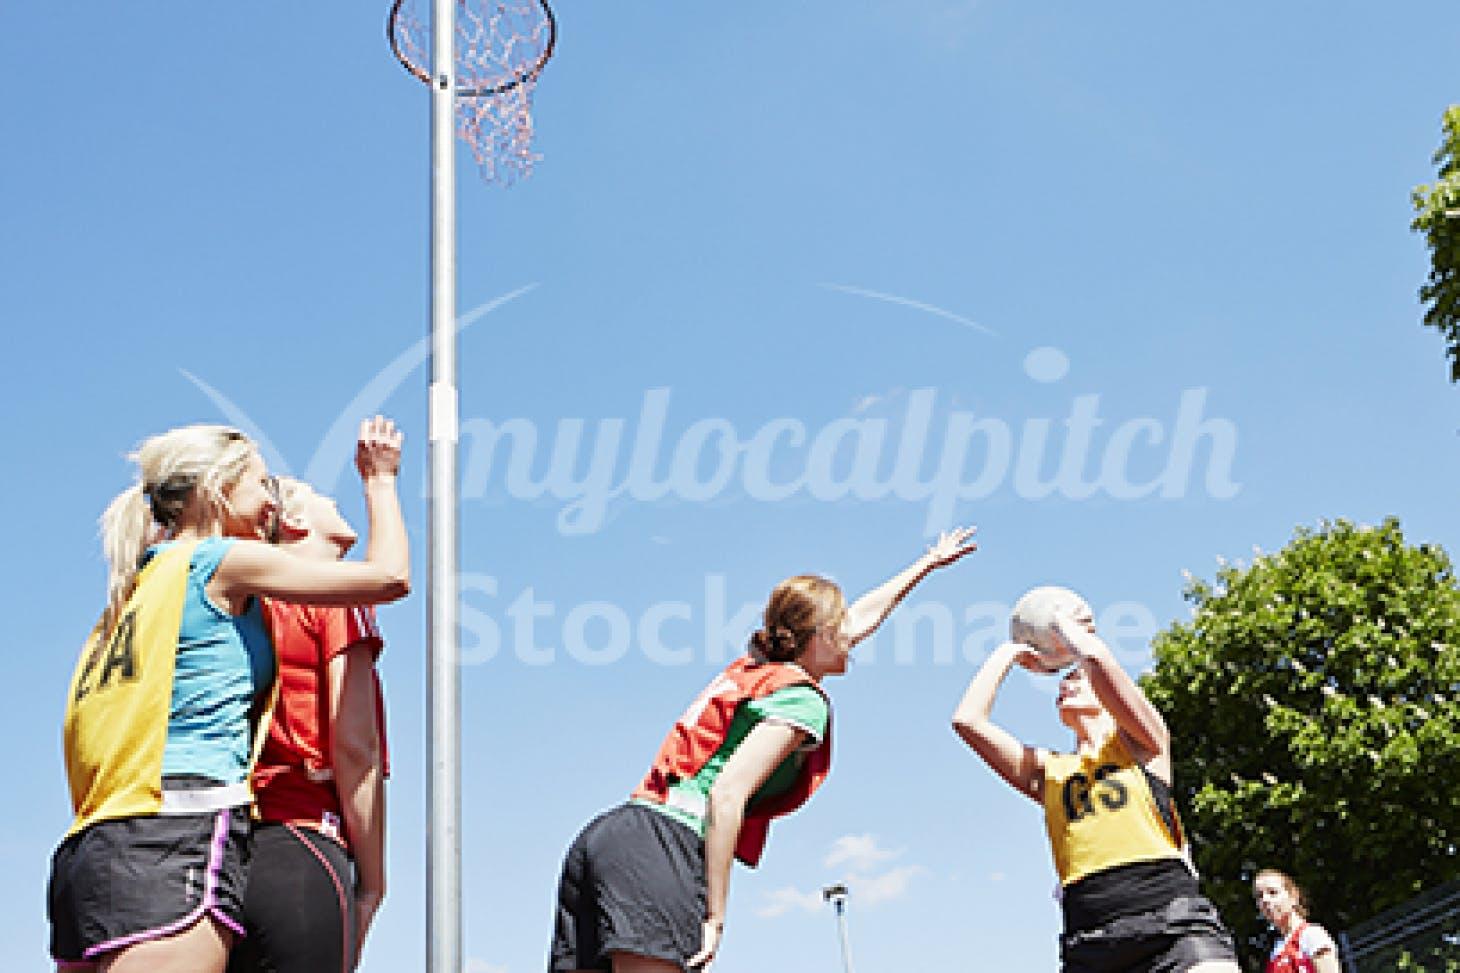 Newlands Girl's School Indoor netball court